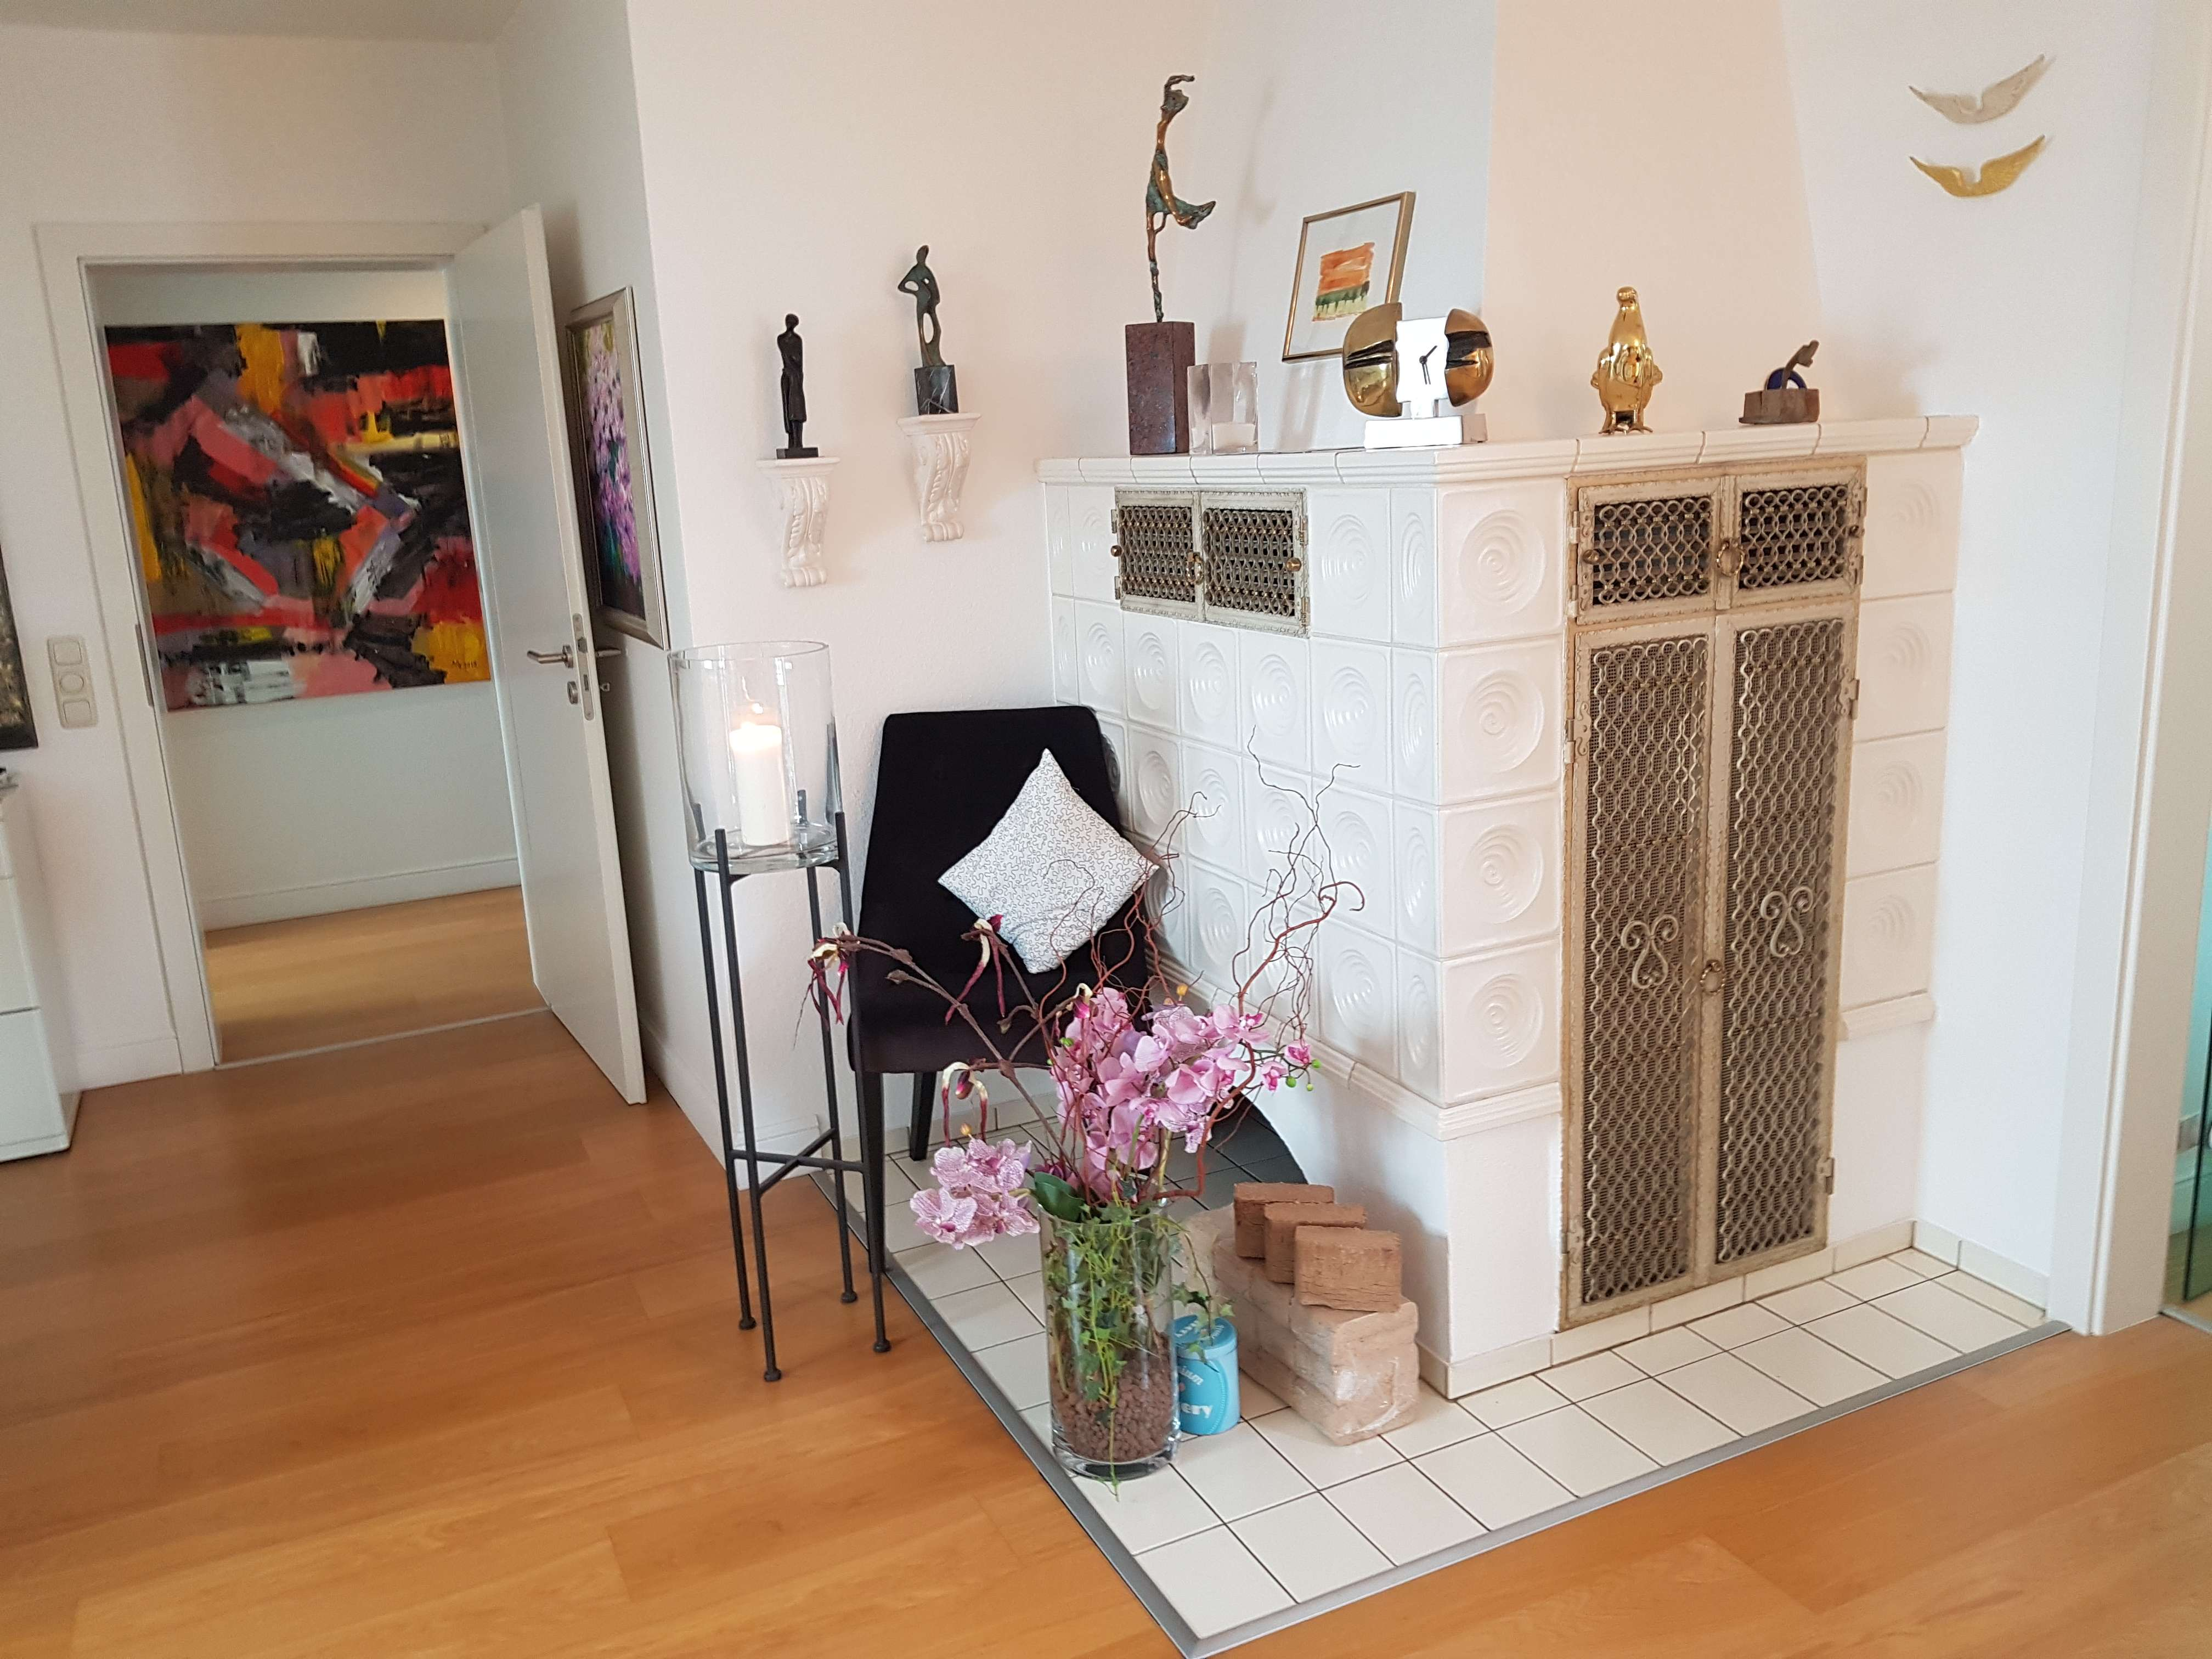 Excl. 3,5-Zi.-Dachterrassen-Wohnung - in  zentraler Lage in Deggendorf